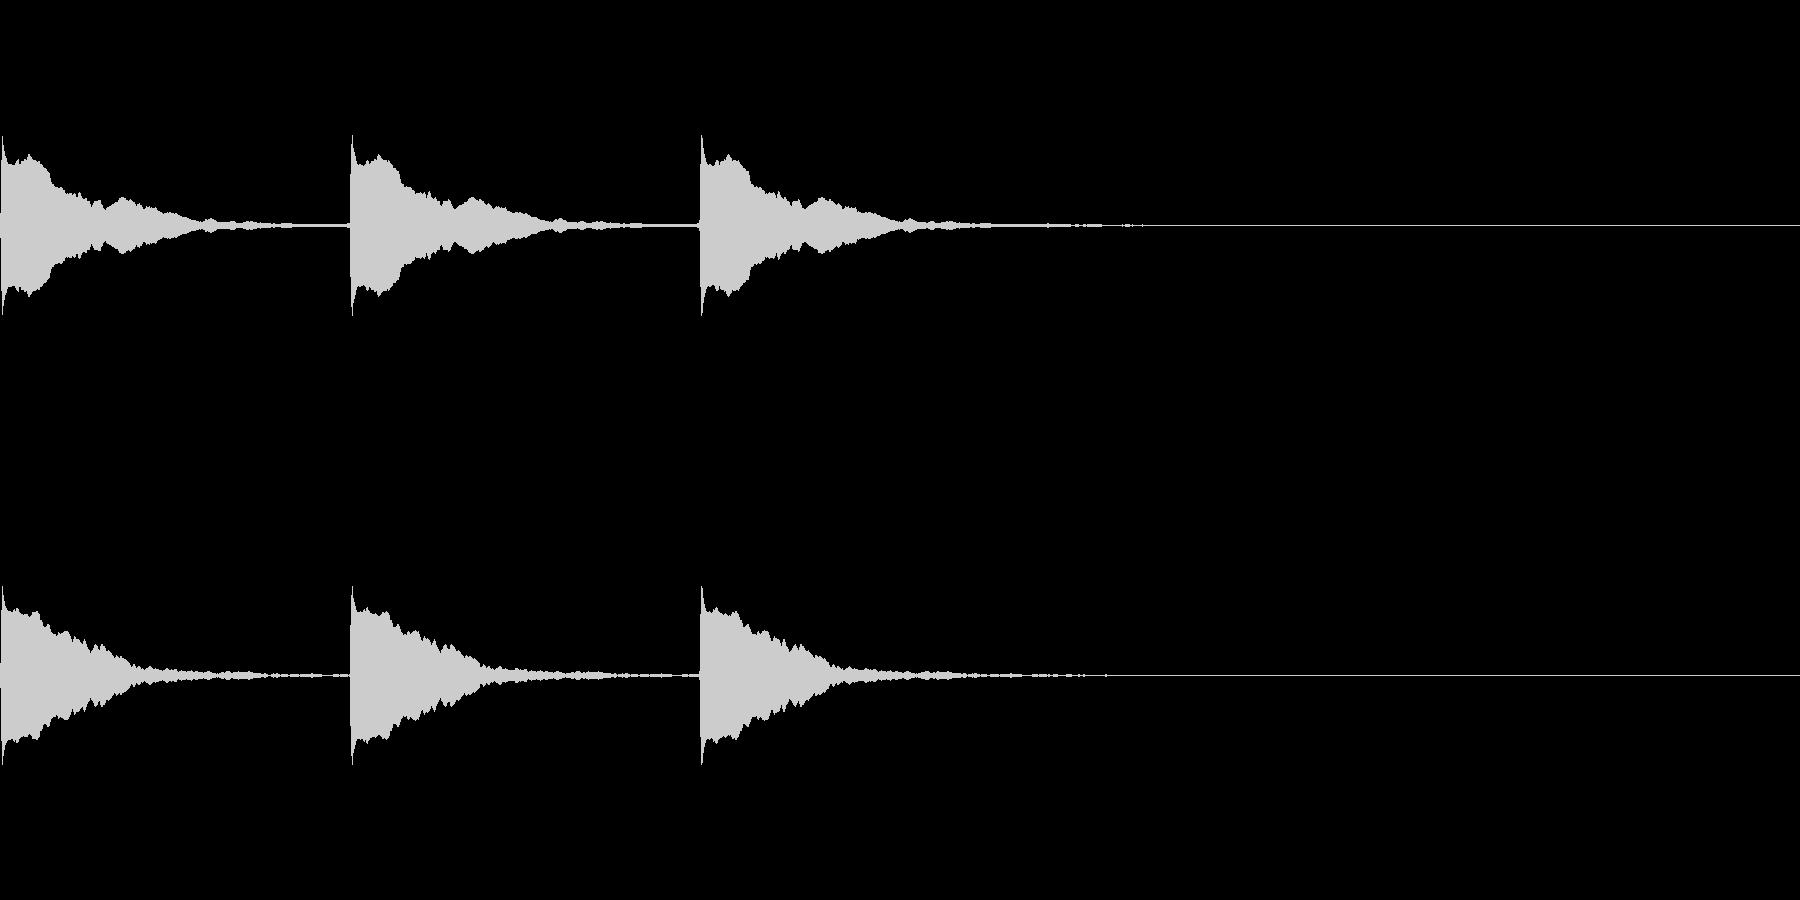 ポーン×3(ポイントを表示する時などに)の未再生の波形